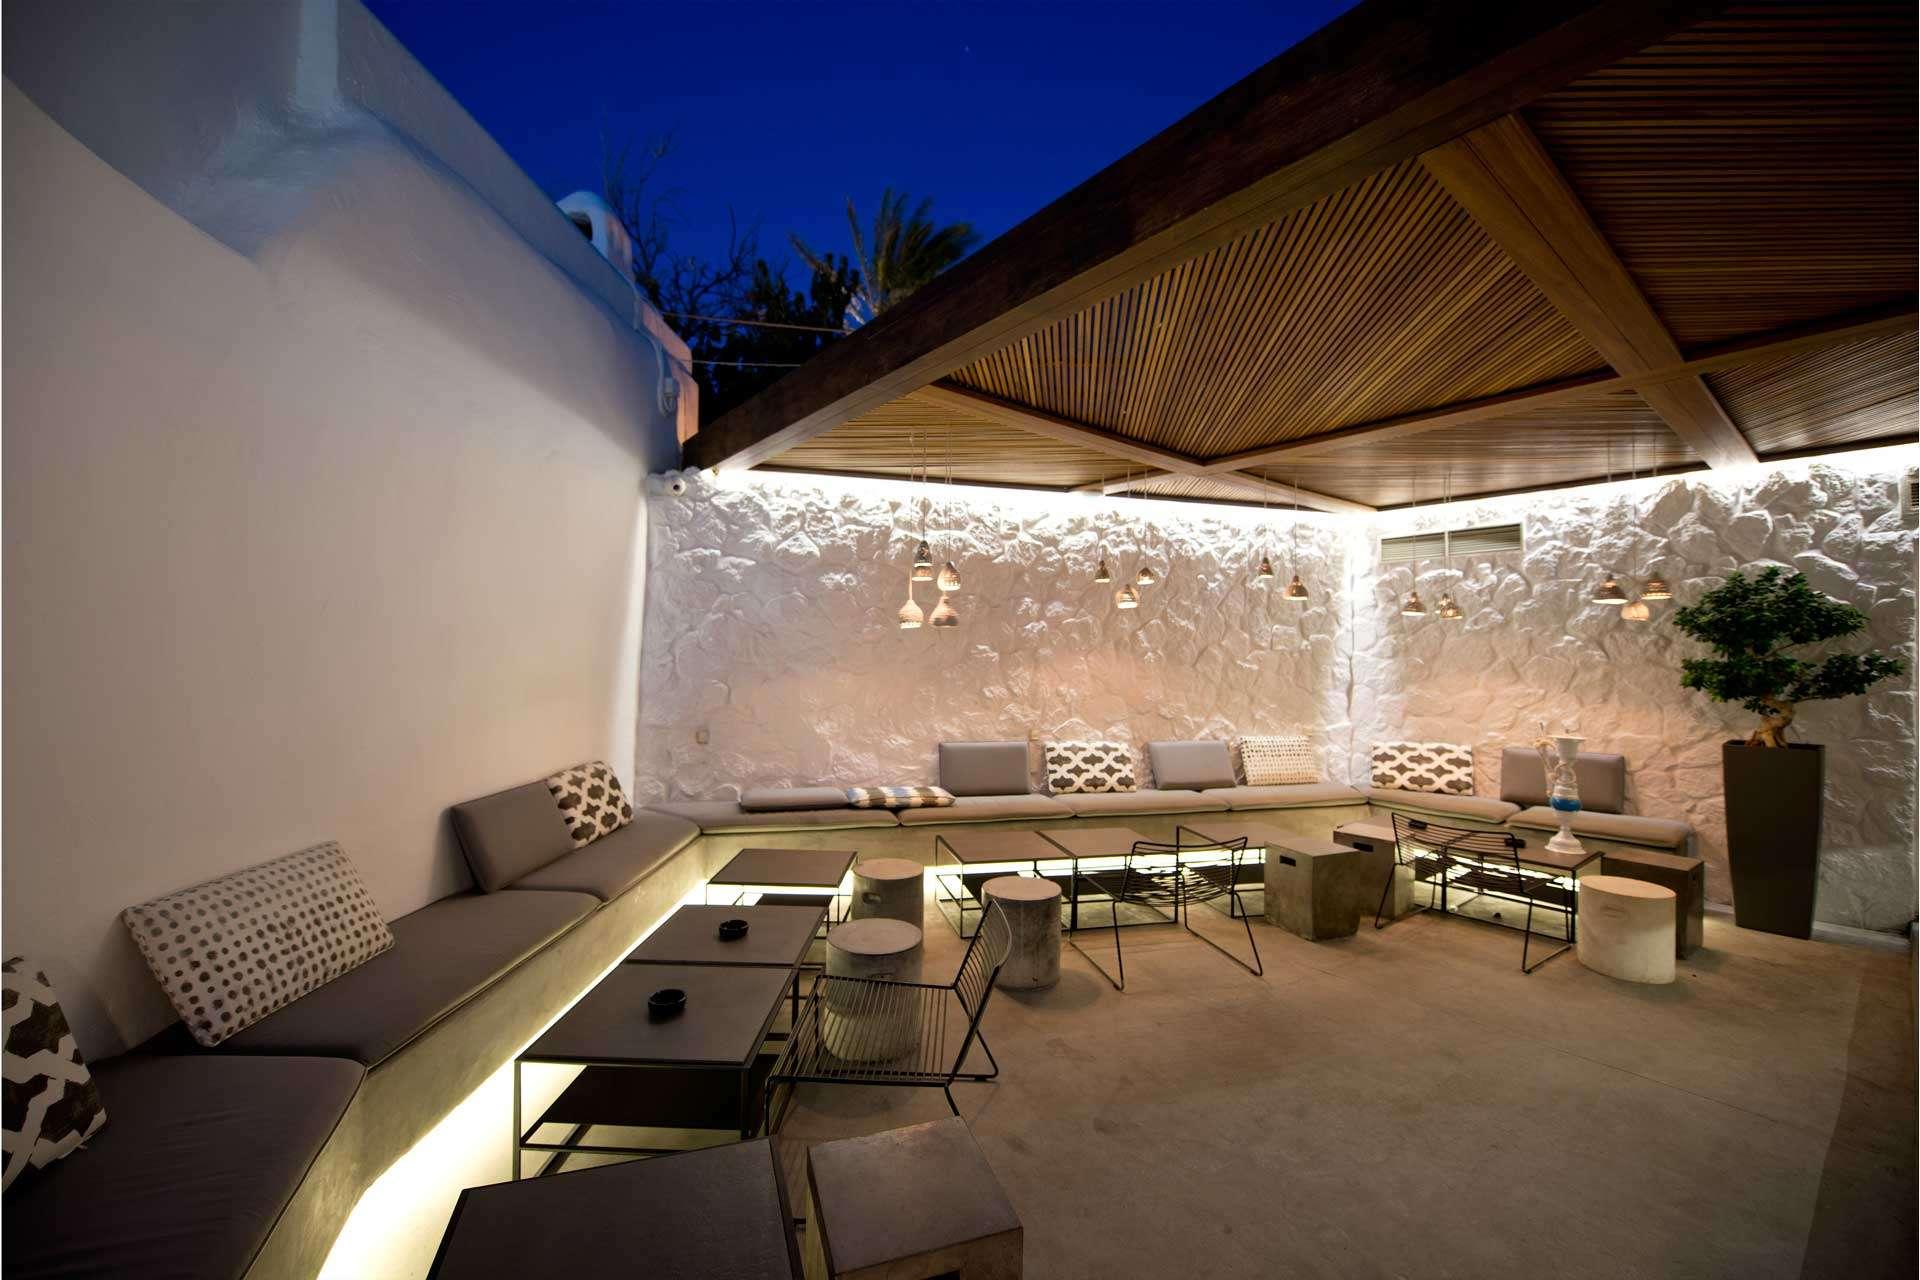 Bonbonniere Club Mykonos Lounge